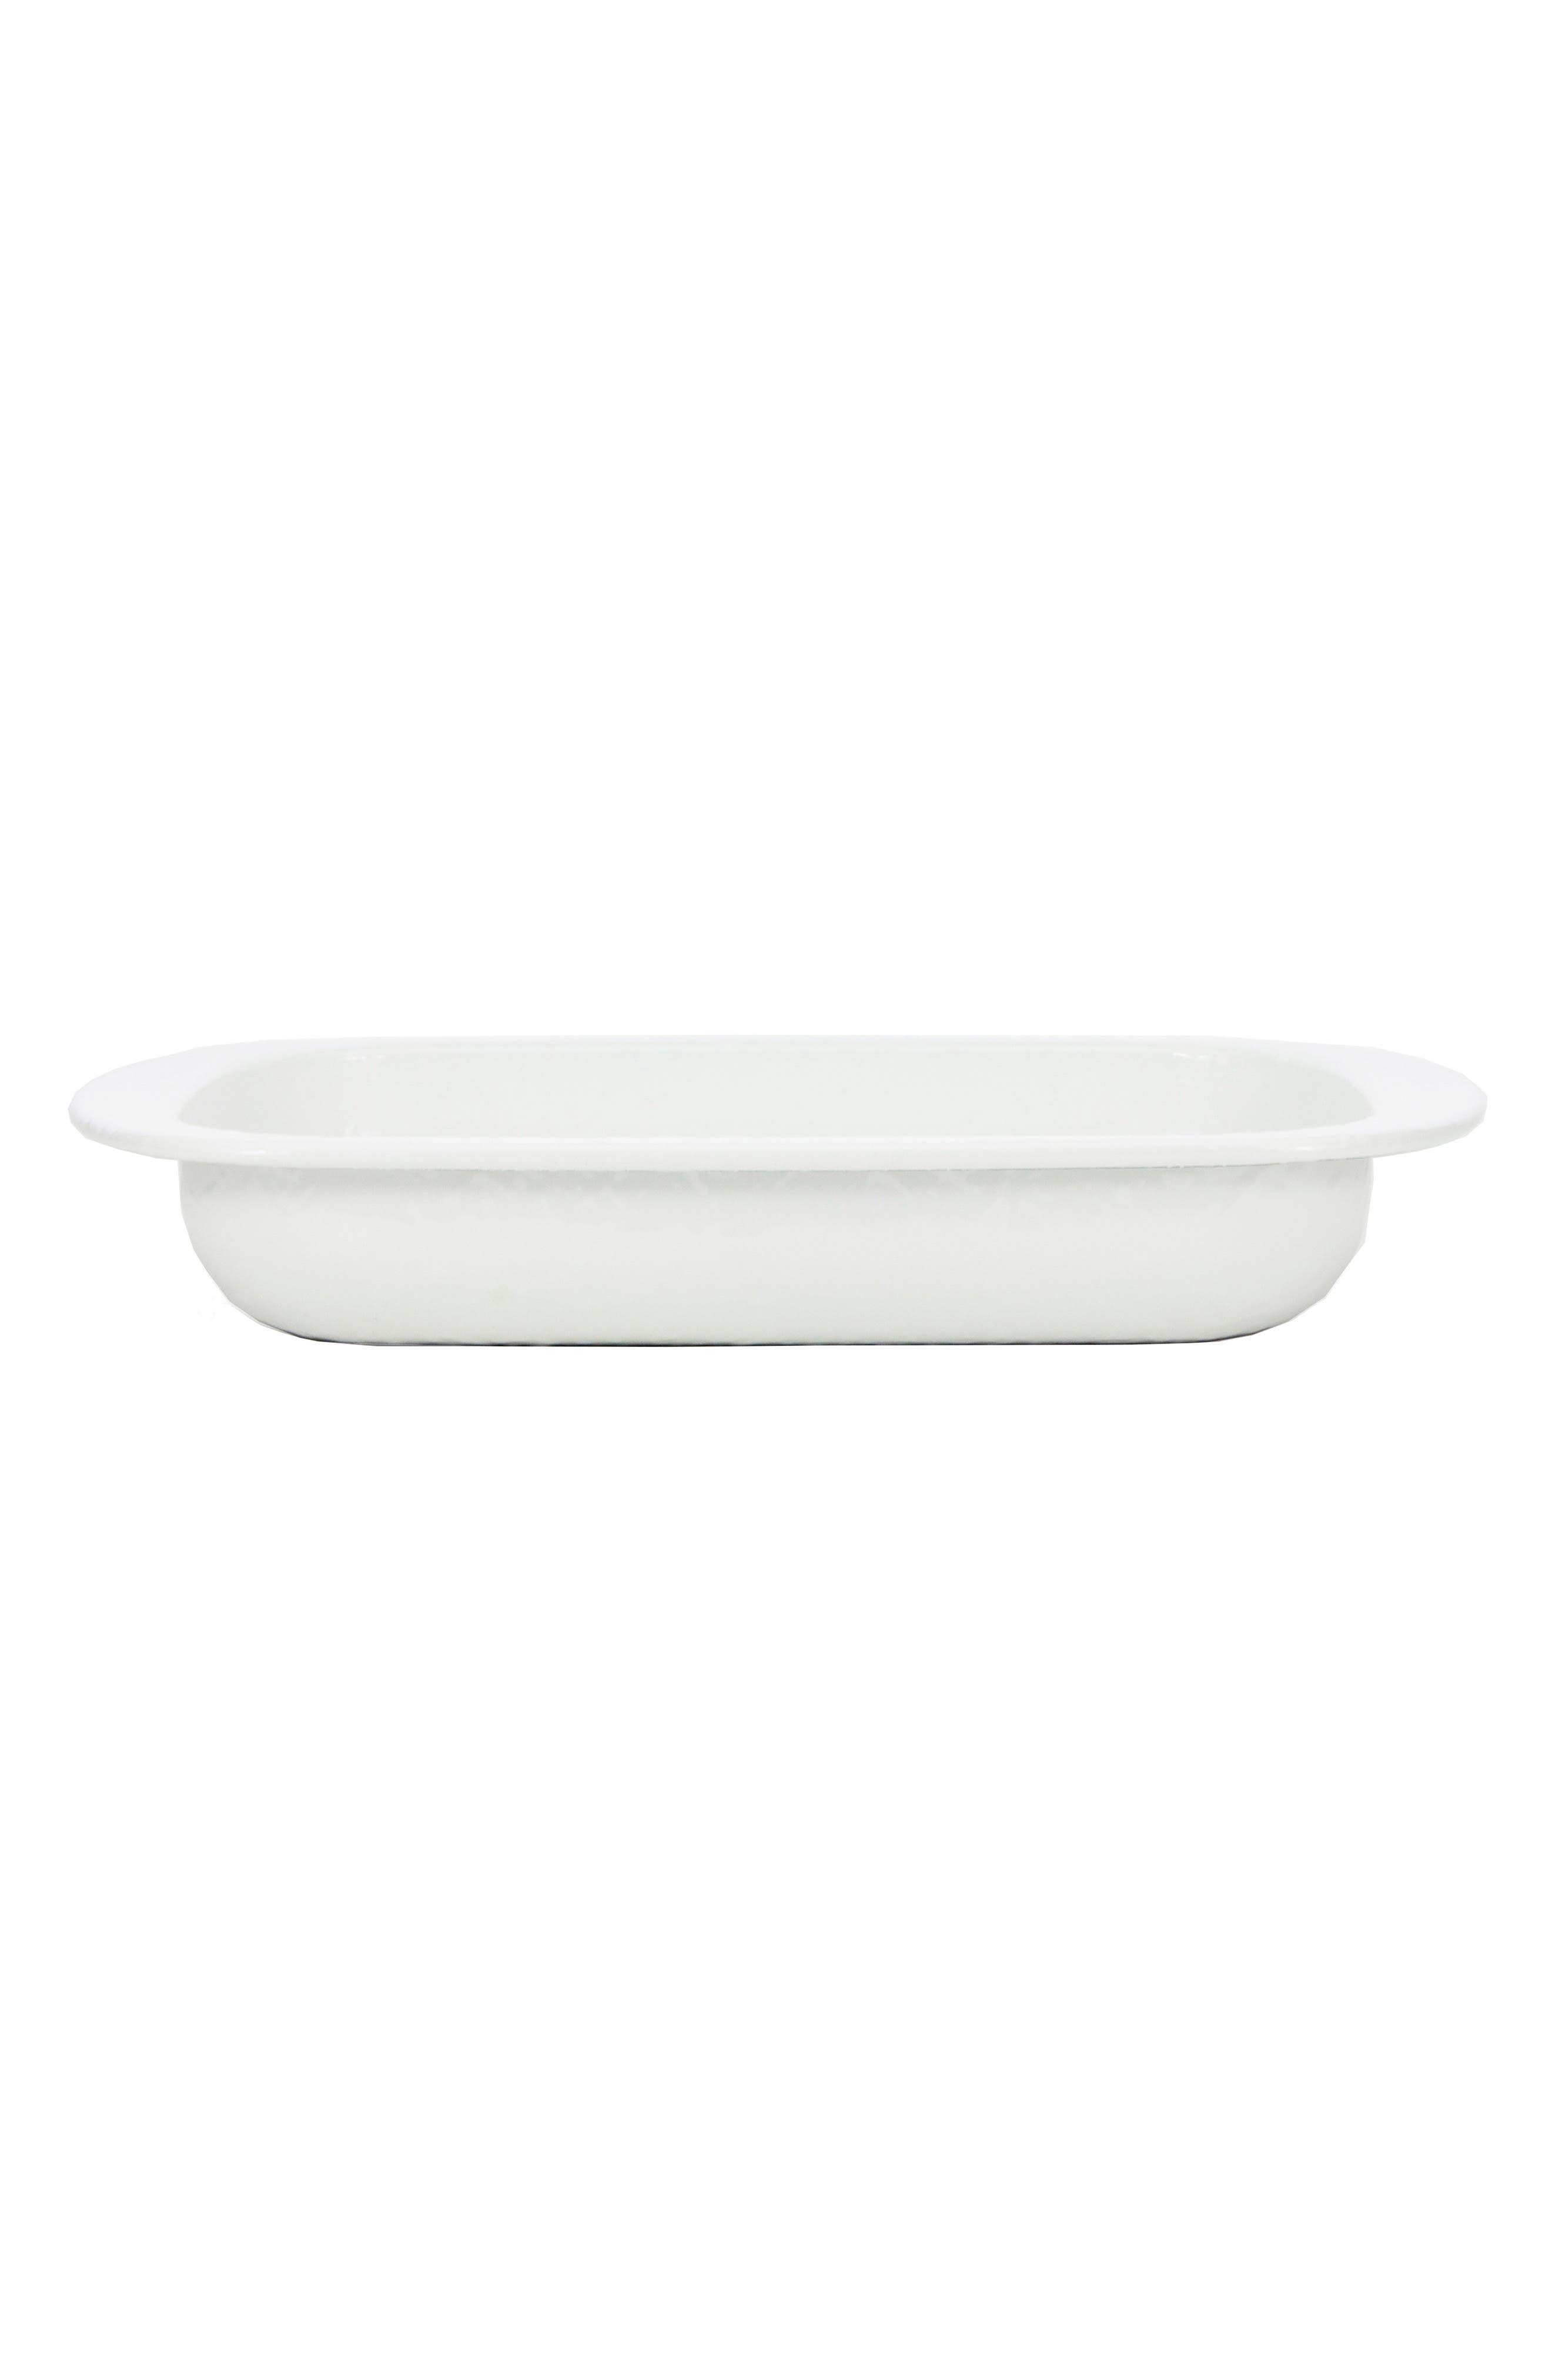 Baking Pan,                             Main thumbnail 1, color,                             SOLID WHITE